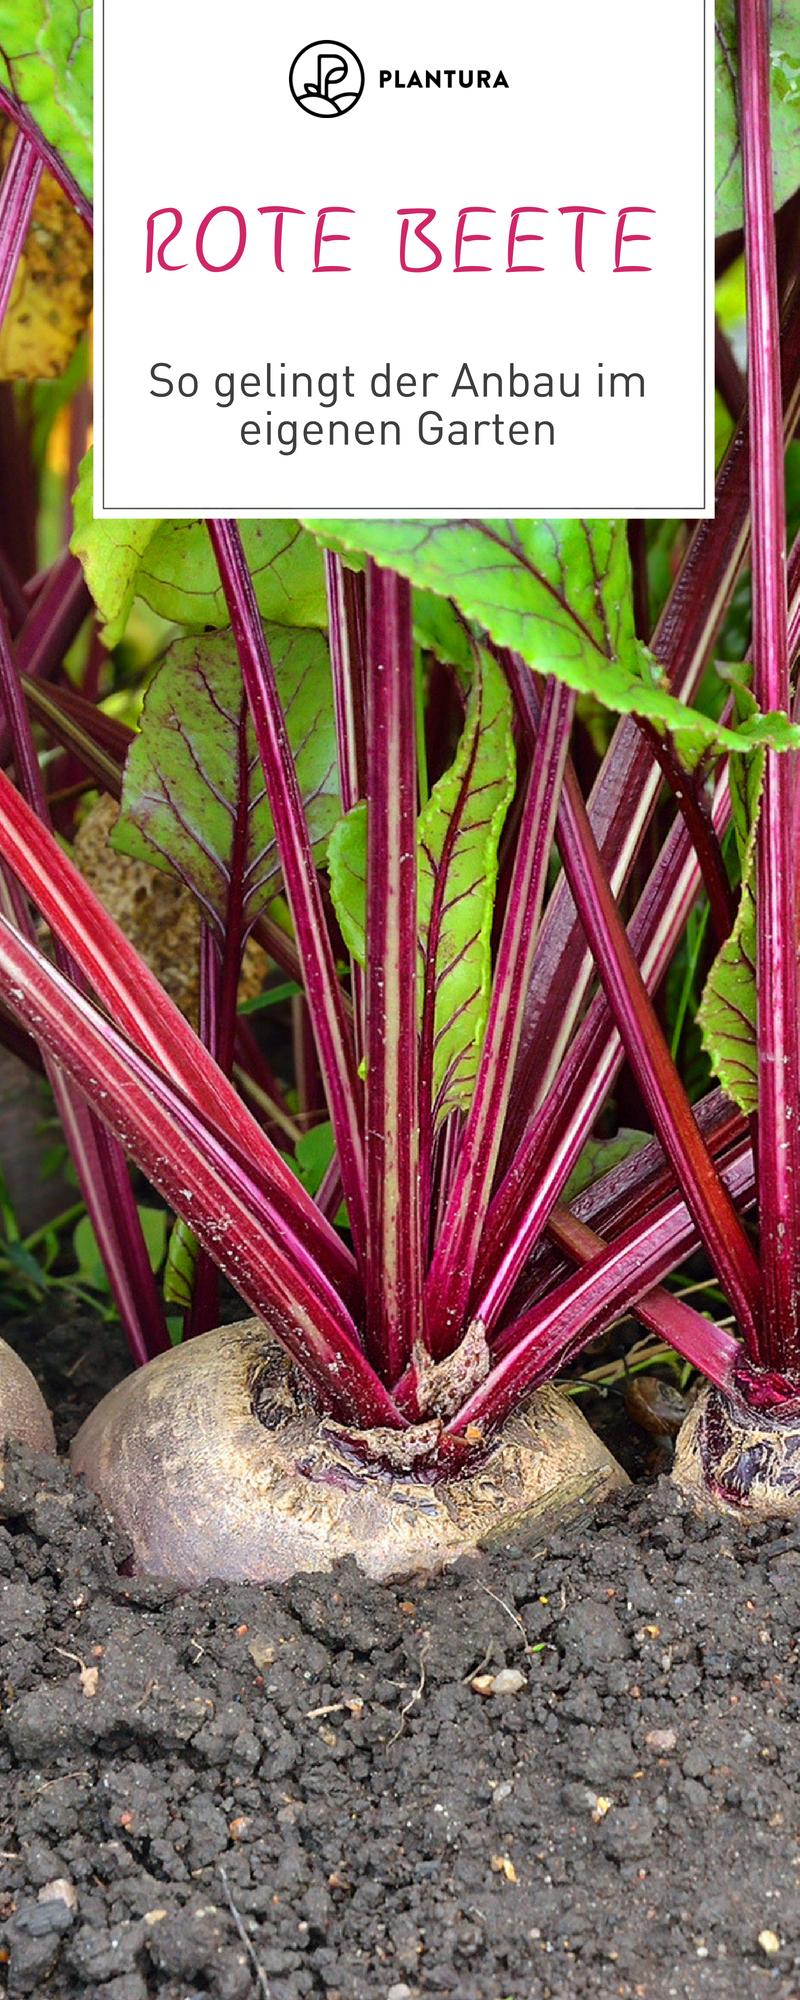 Rote Bete im Portrait: Die gesunde Rübe aus dem eigenen Garten - Plantura